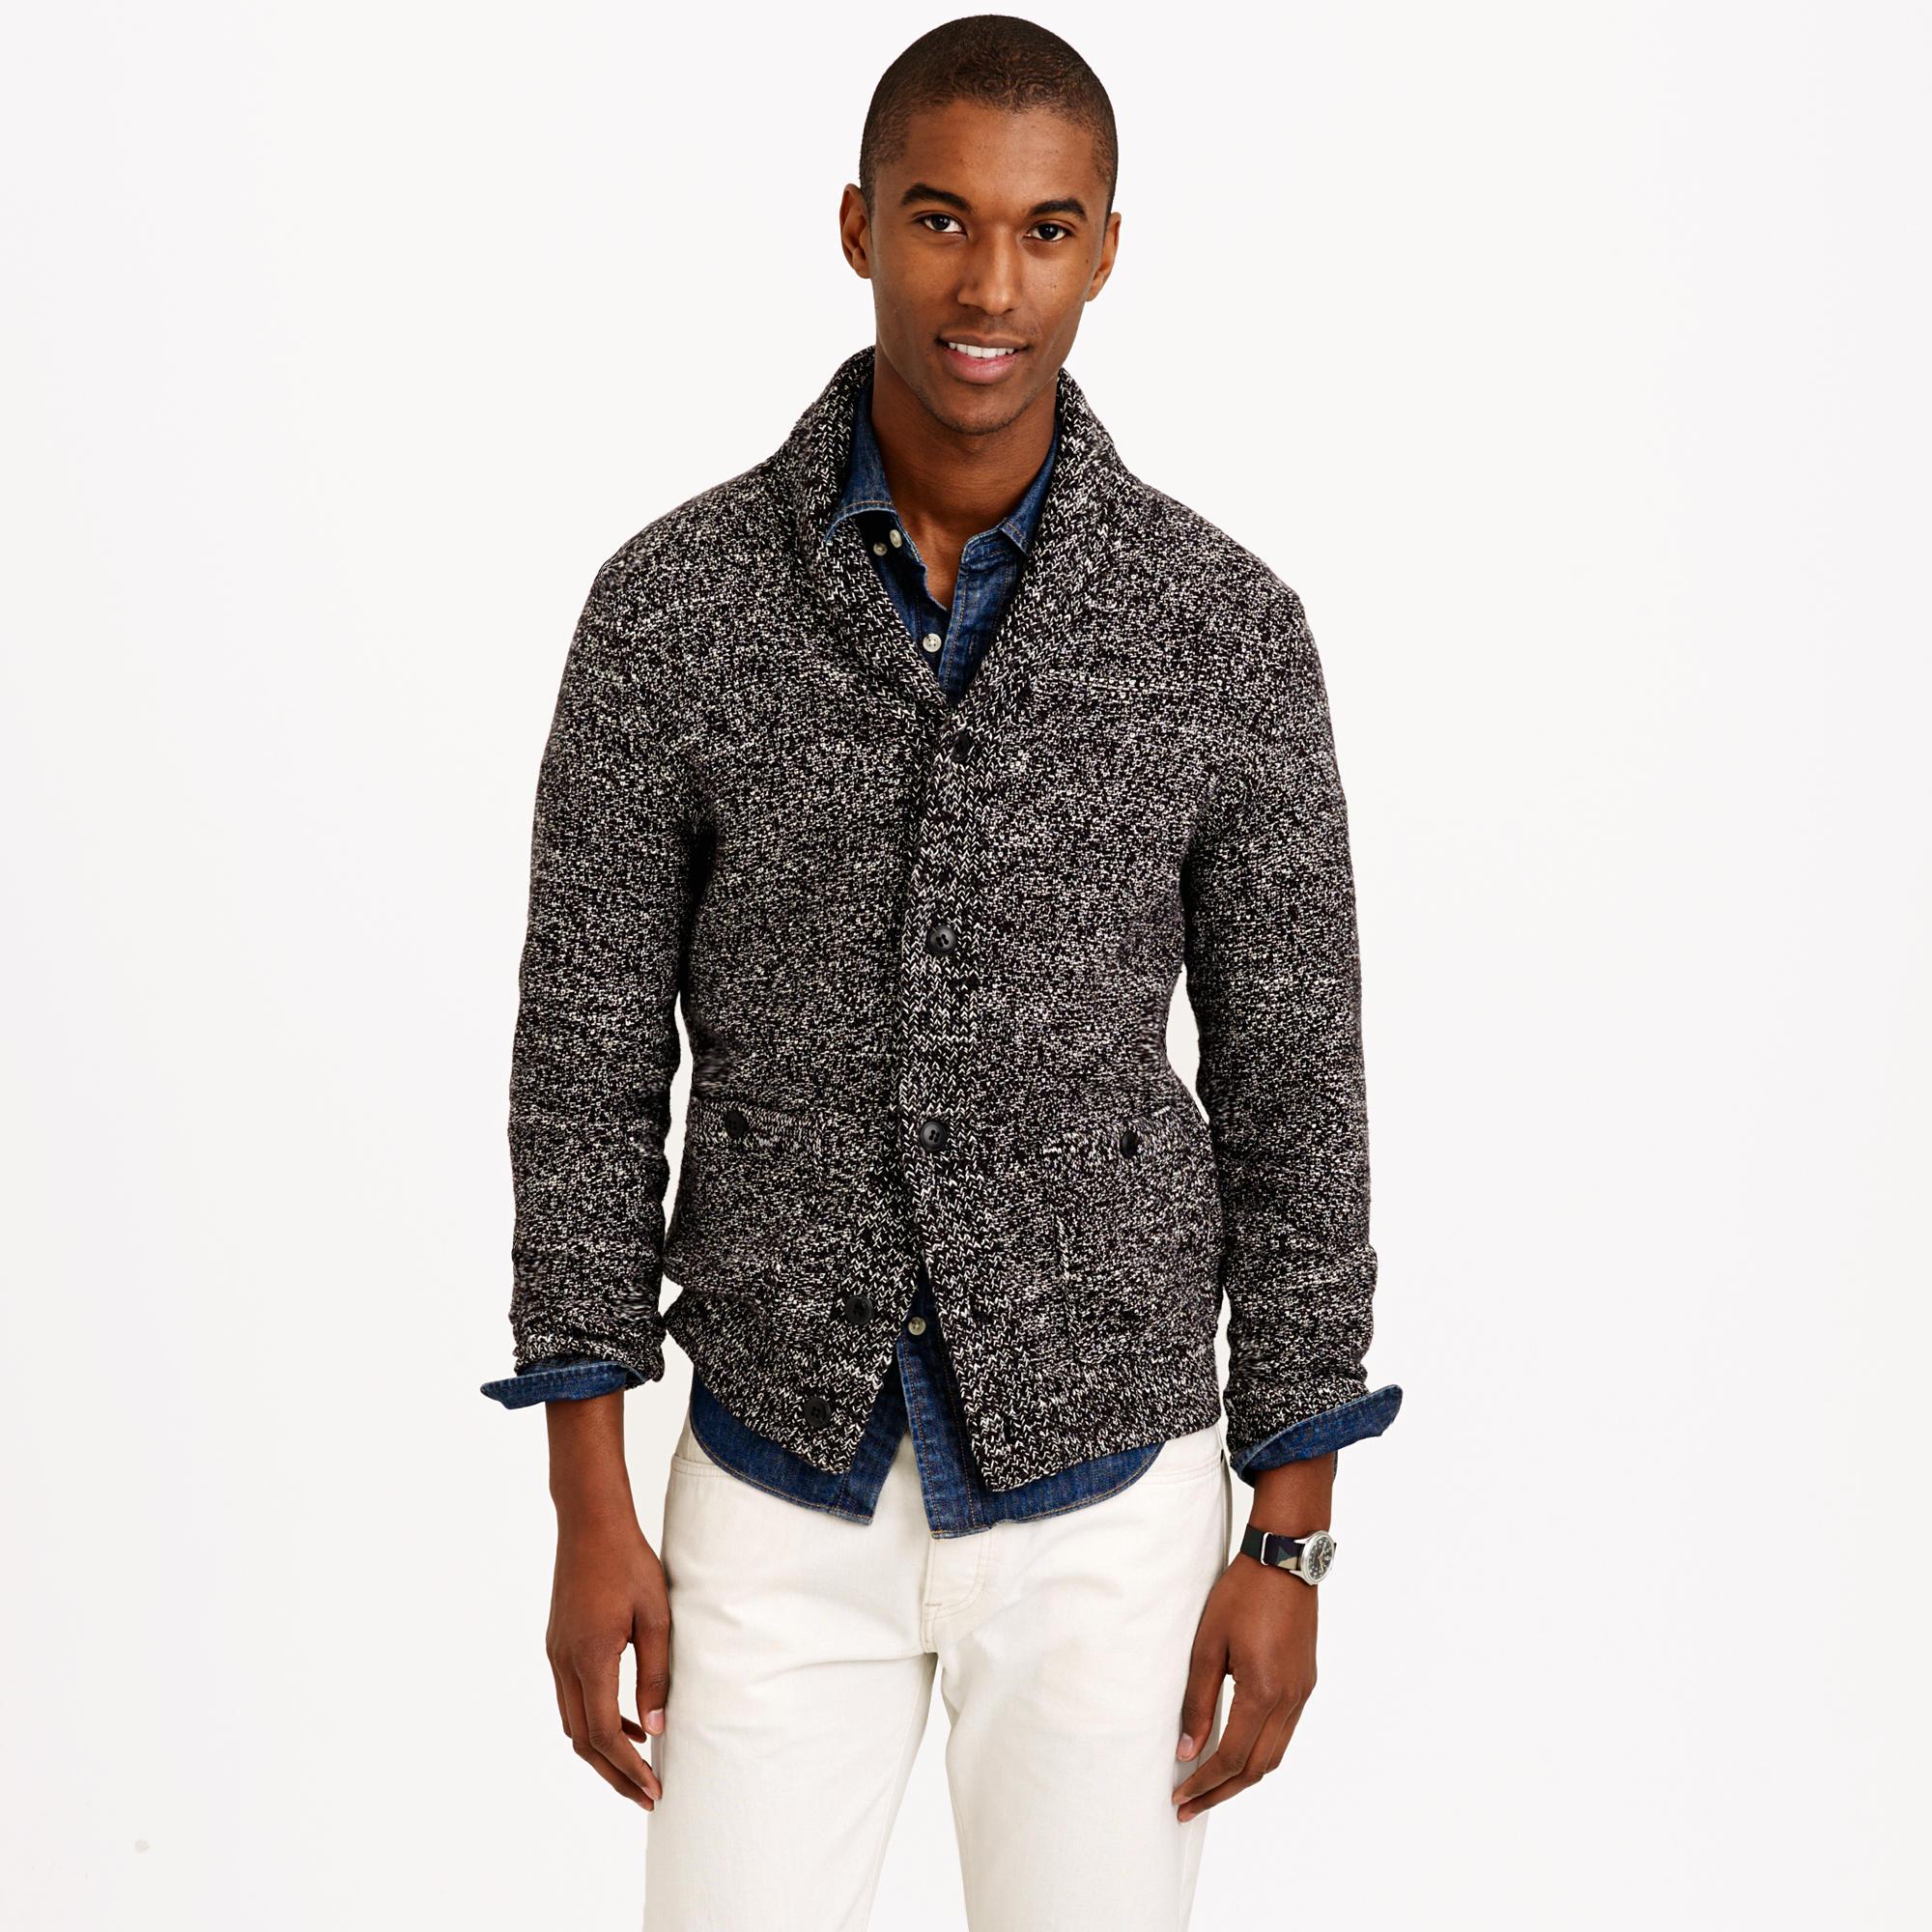 623a7ffa748d Lyst - J.Crew Marled Cotton Shawl-collar Cardigan Sweater in Black ...